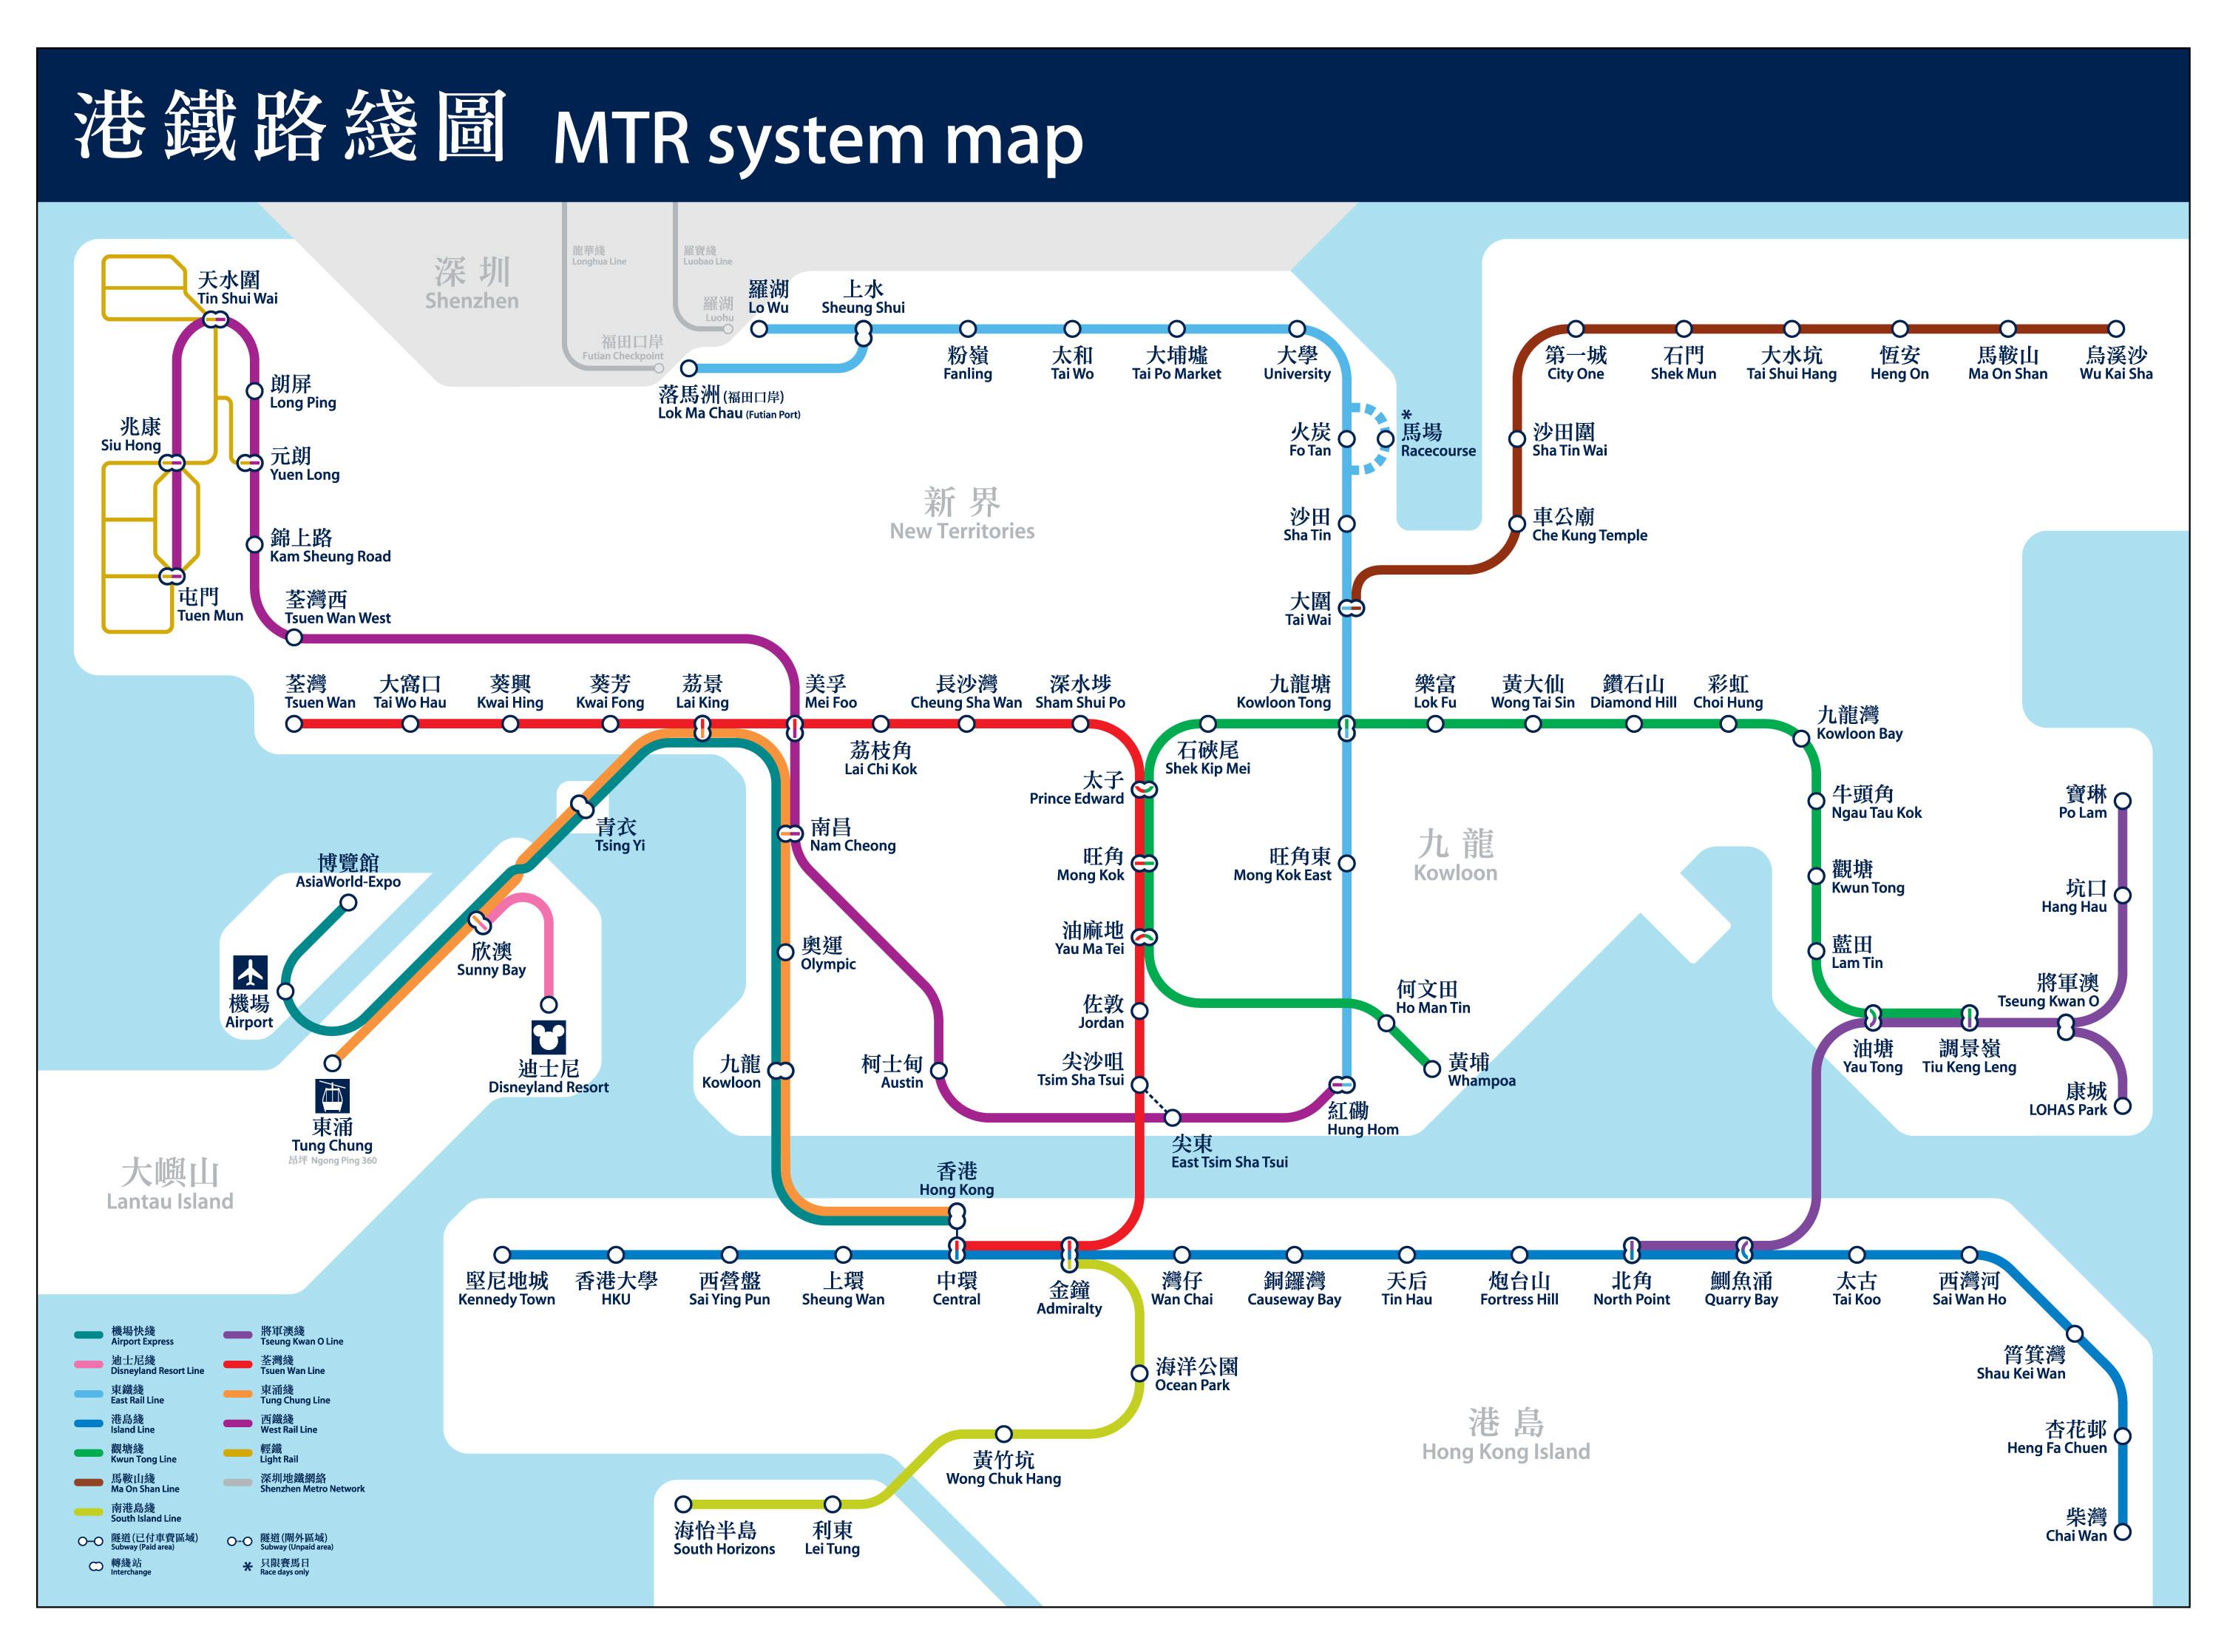 港鐵路線圖(圖片取自香港地鐵官網)